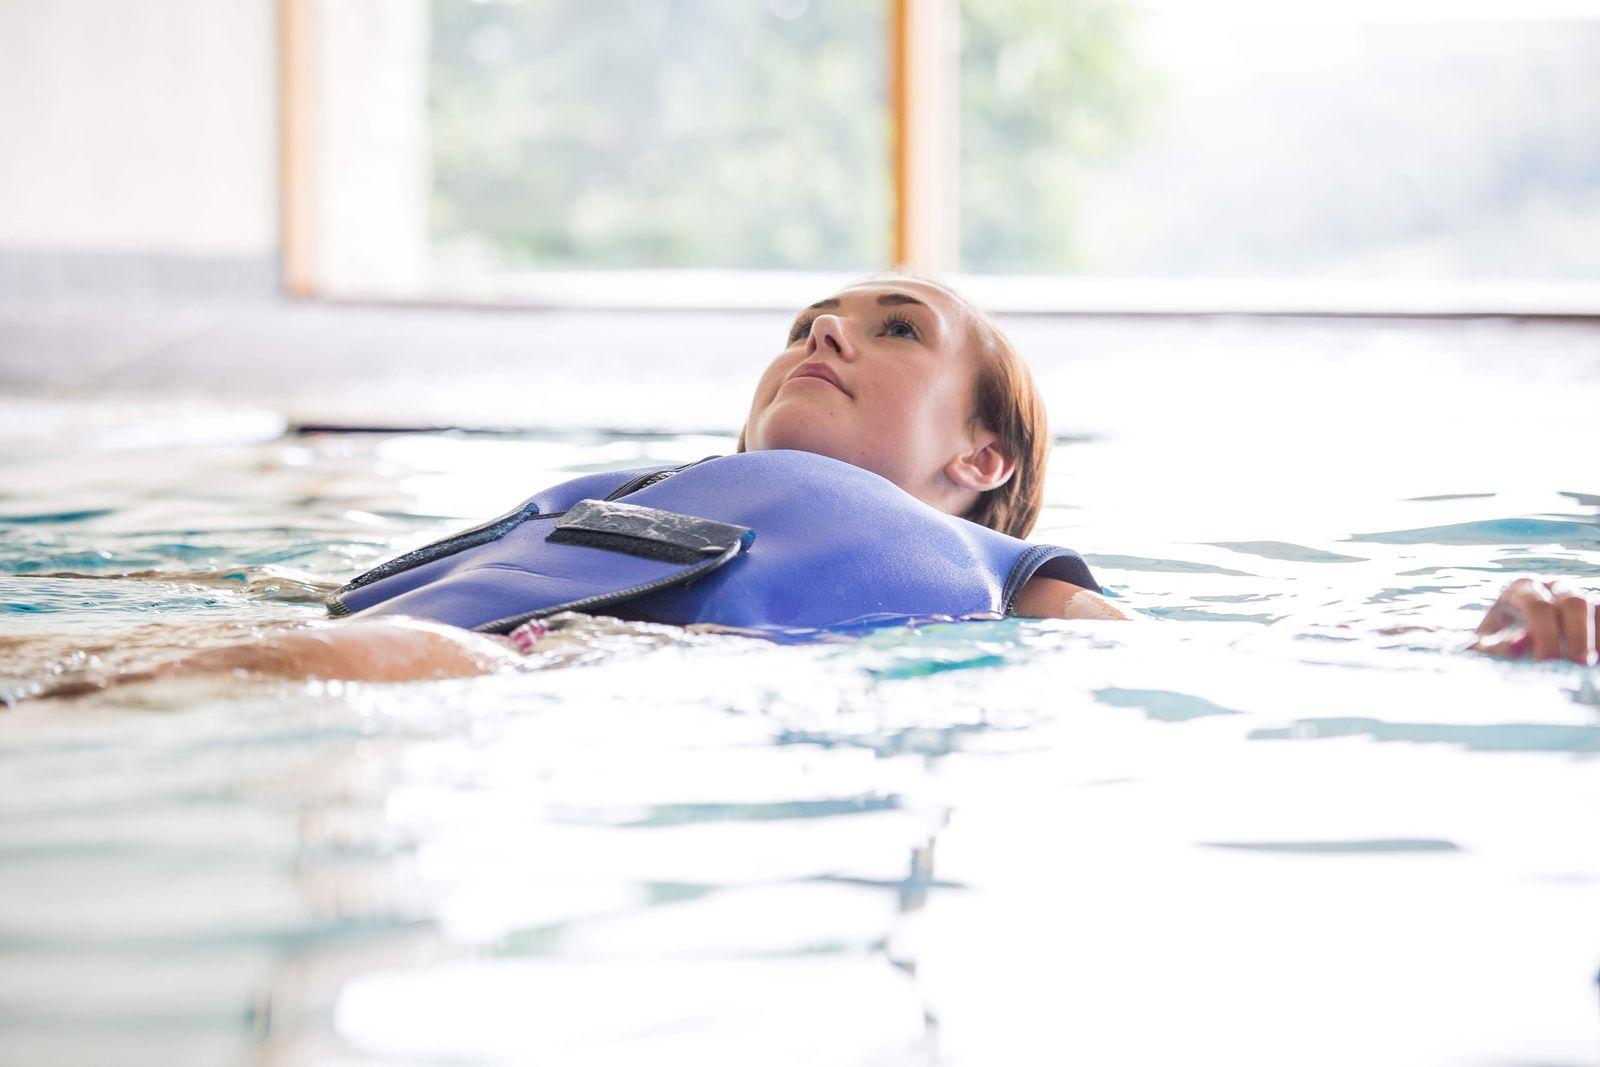 Konfidence Schwimmweste, Schwimmhilfe für Erwachsene mit umfangreichem Schwimmratgeber – Bild 7